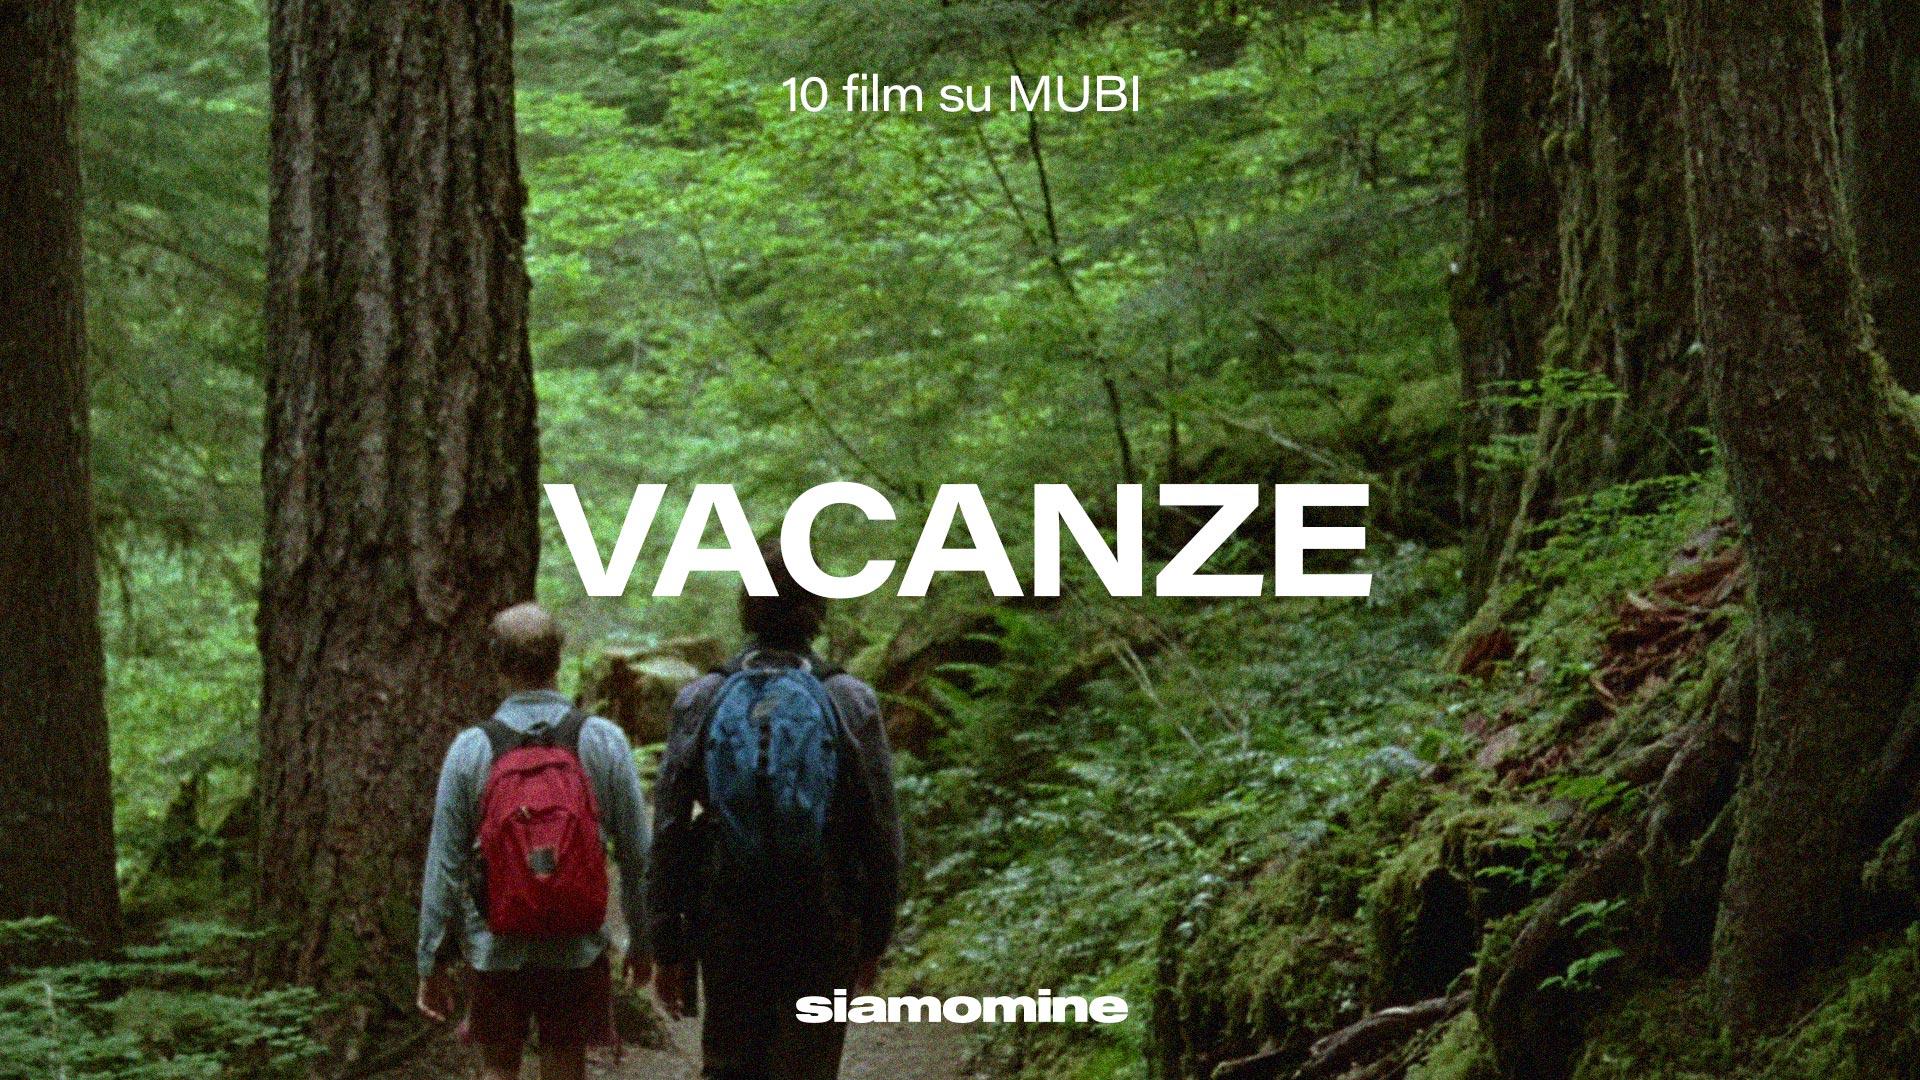 film a tema vacanze su mubi